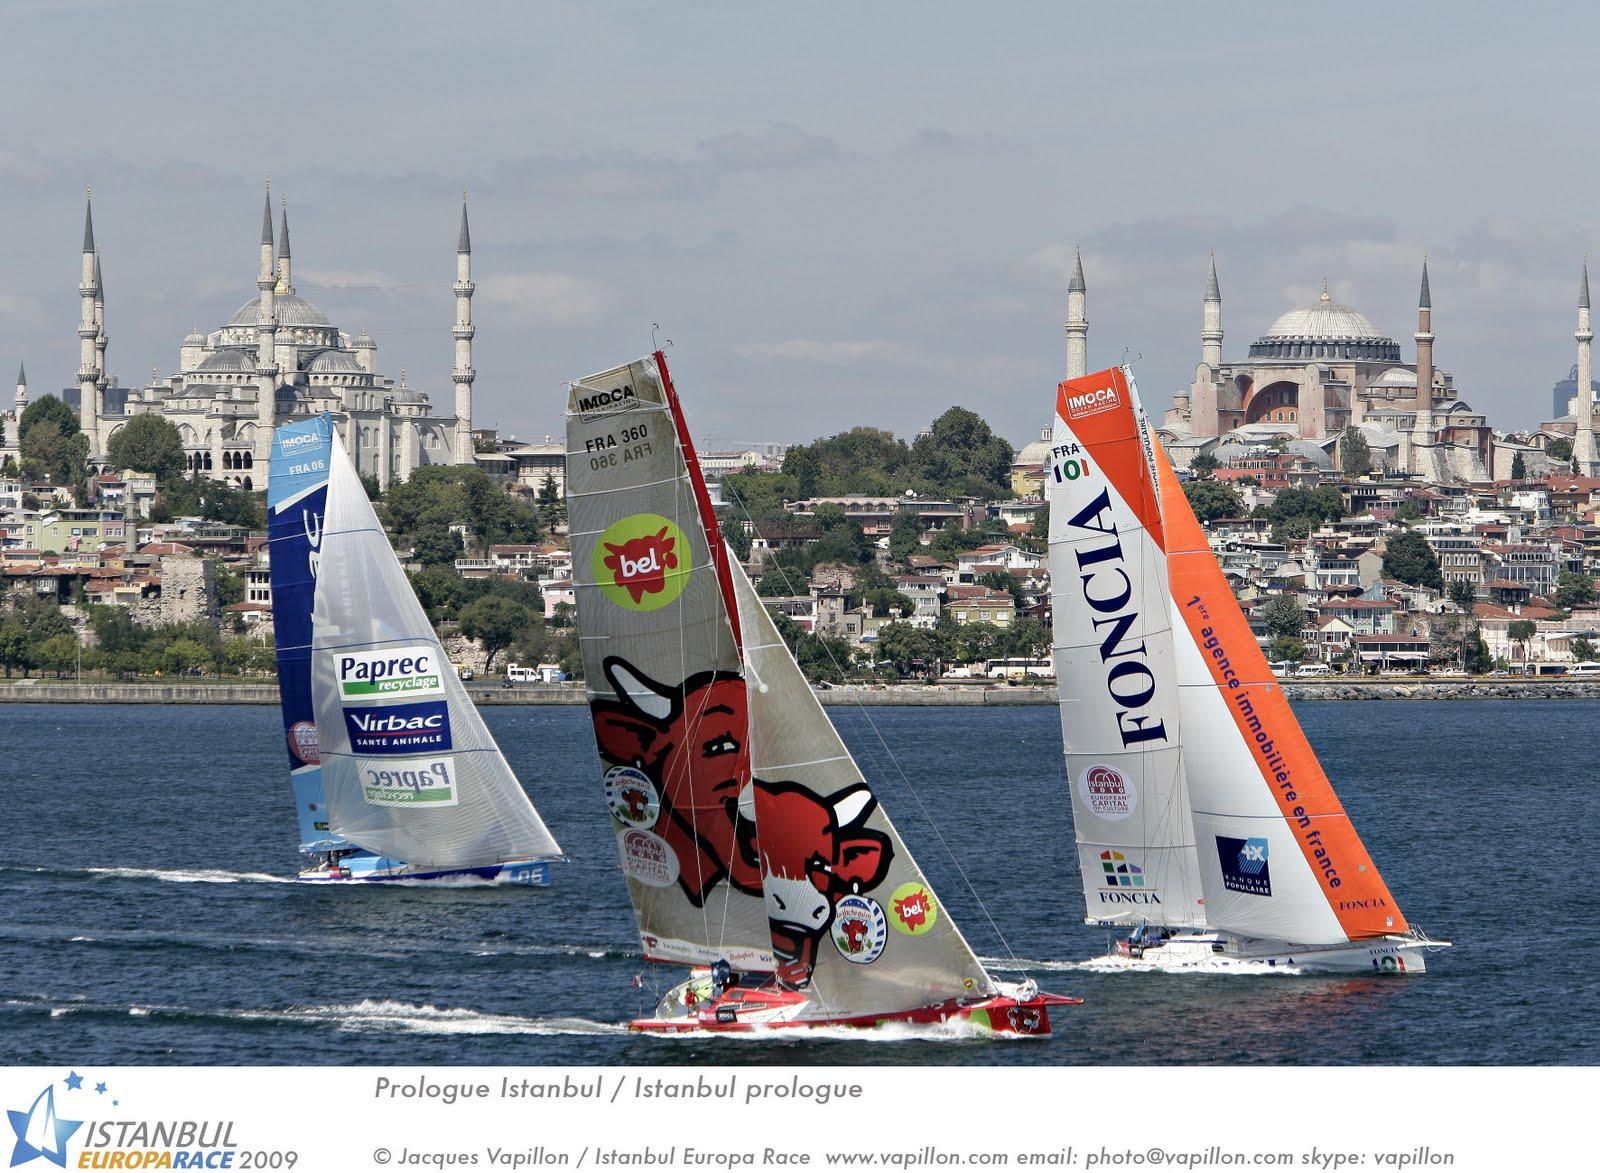 http://2.bp.blogspot.com/-A2WNkPo5deQ/TbrsxKw96LI/AAAAAAAAjHs/1SgObiLtMi8/s1600/istanbul09.jpg